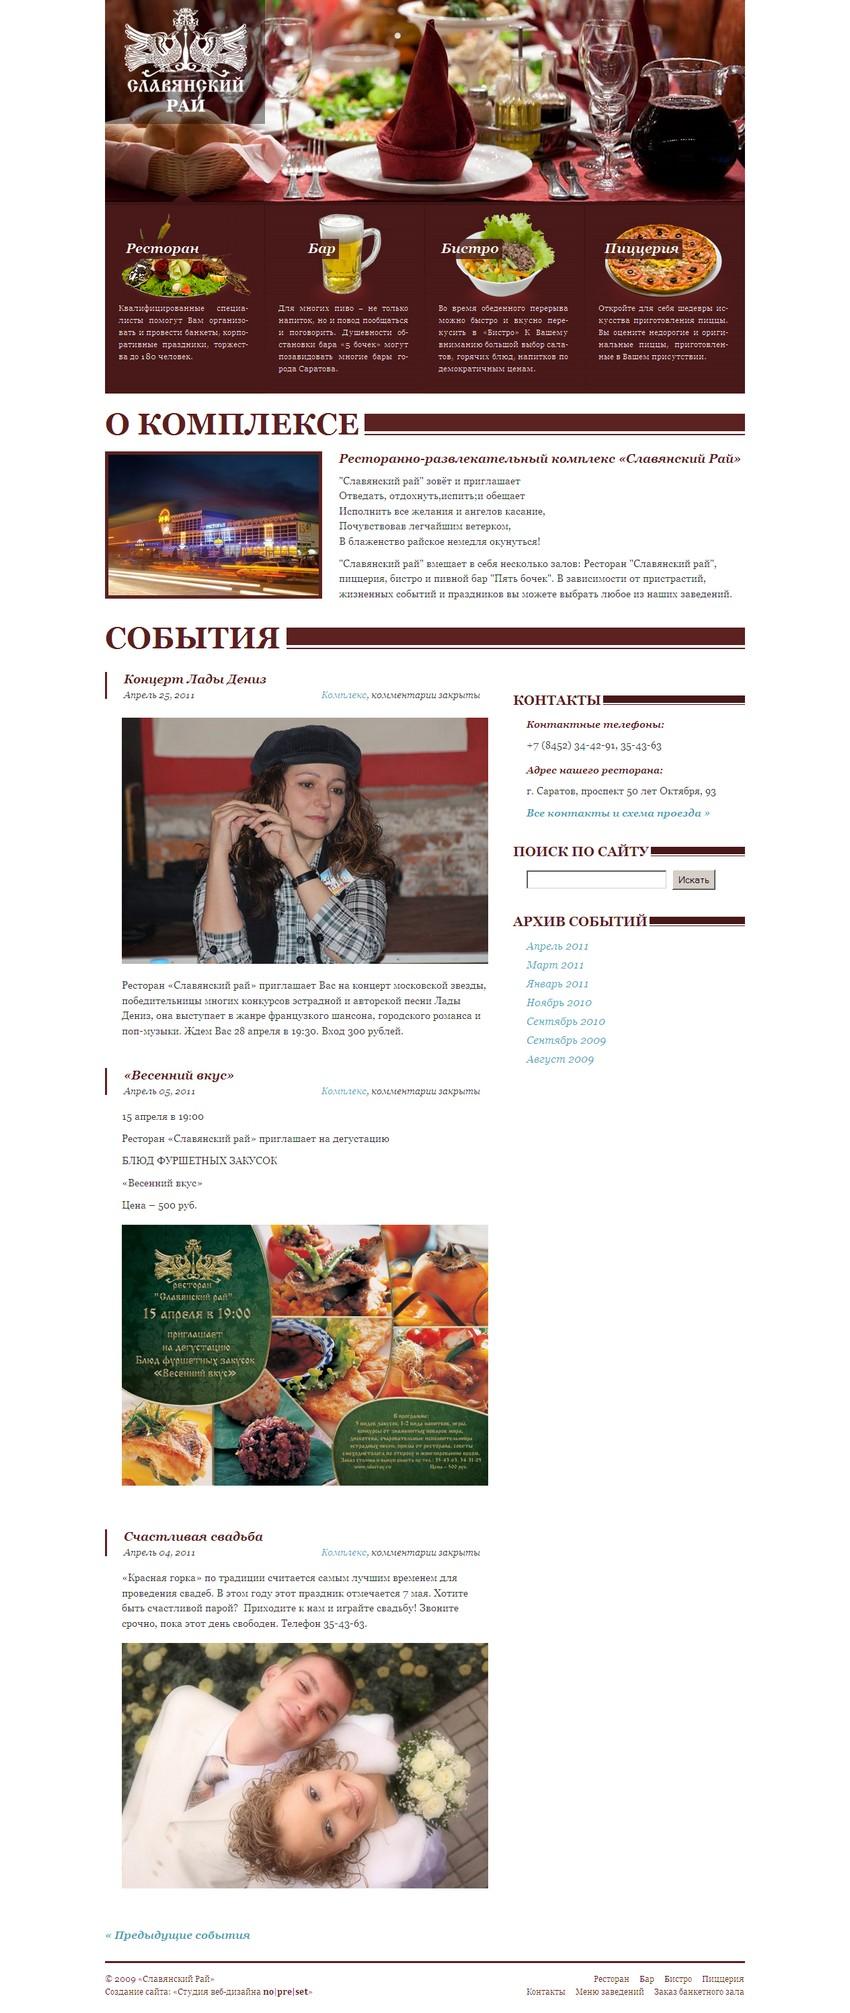 Ресторанно-развлекательный комплекс «Славянский Рай» в Саратове